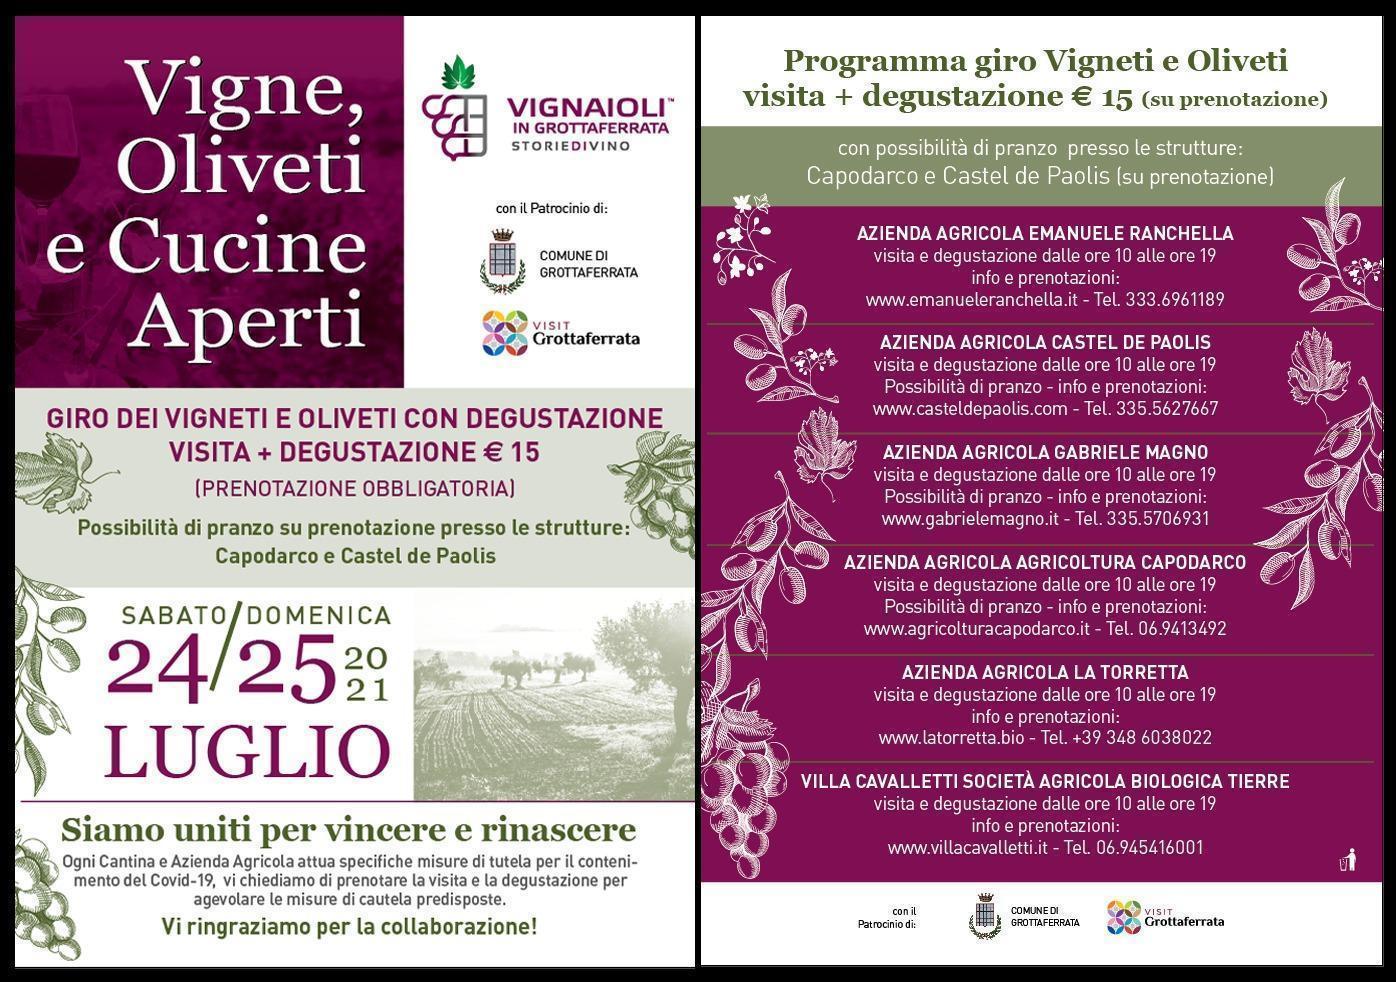 Vigne, Oliveti e Cucine Aperti - Luglio 2021